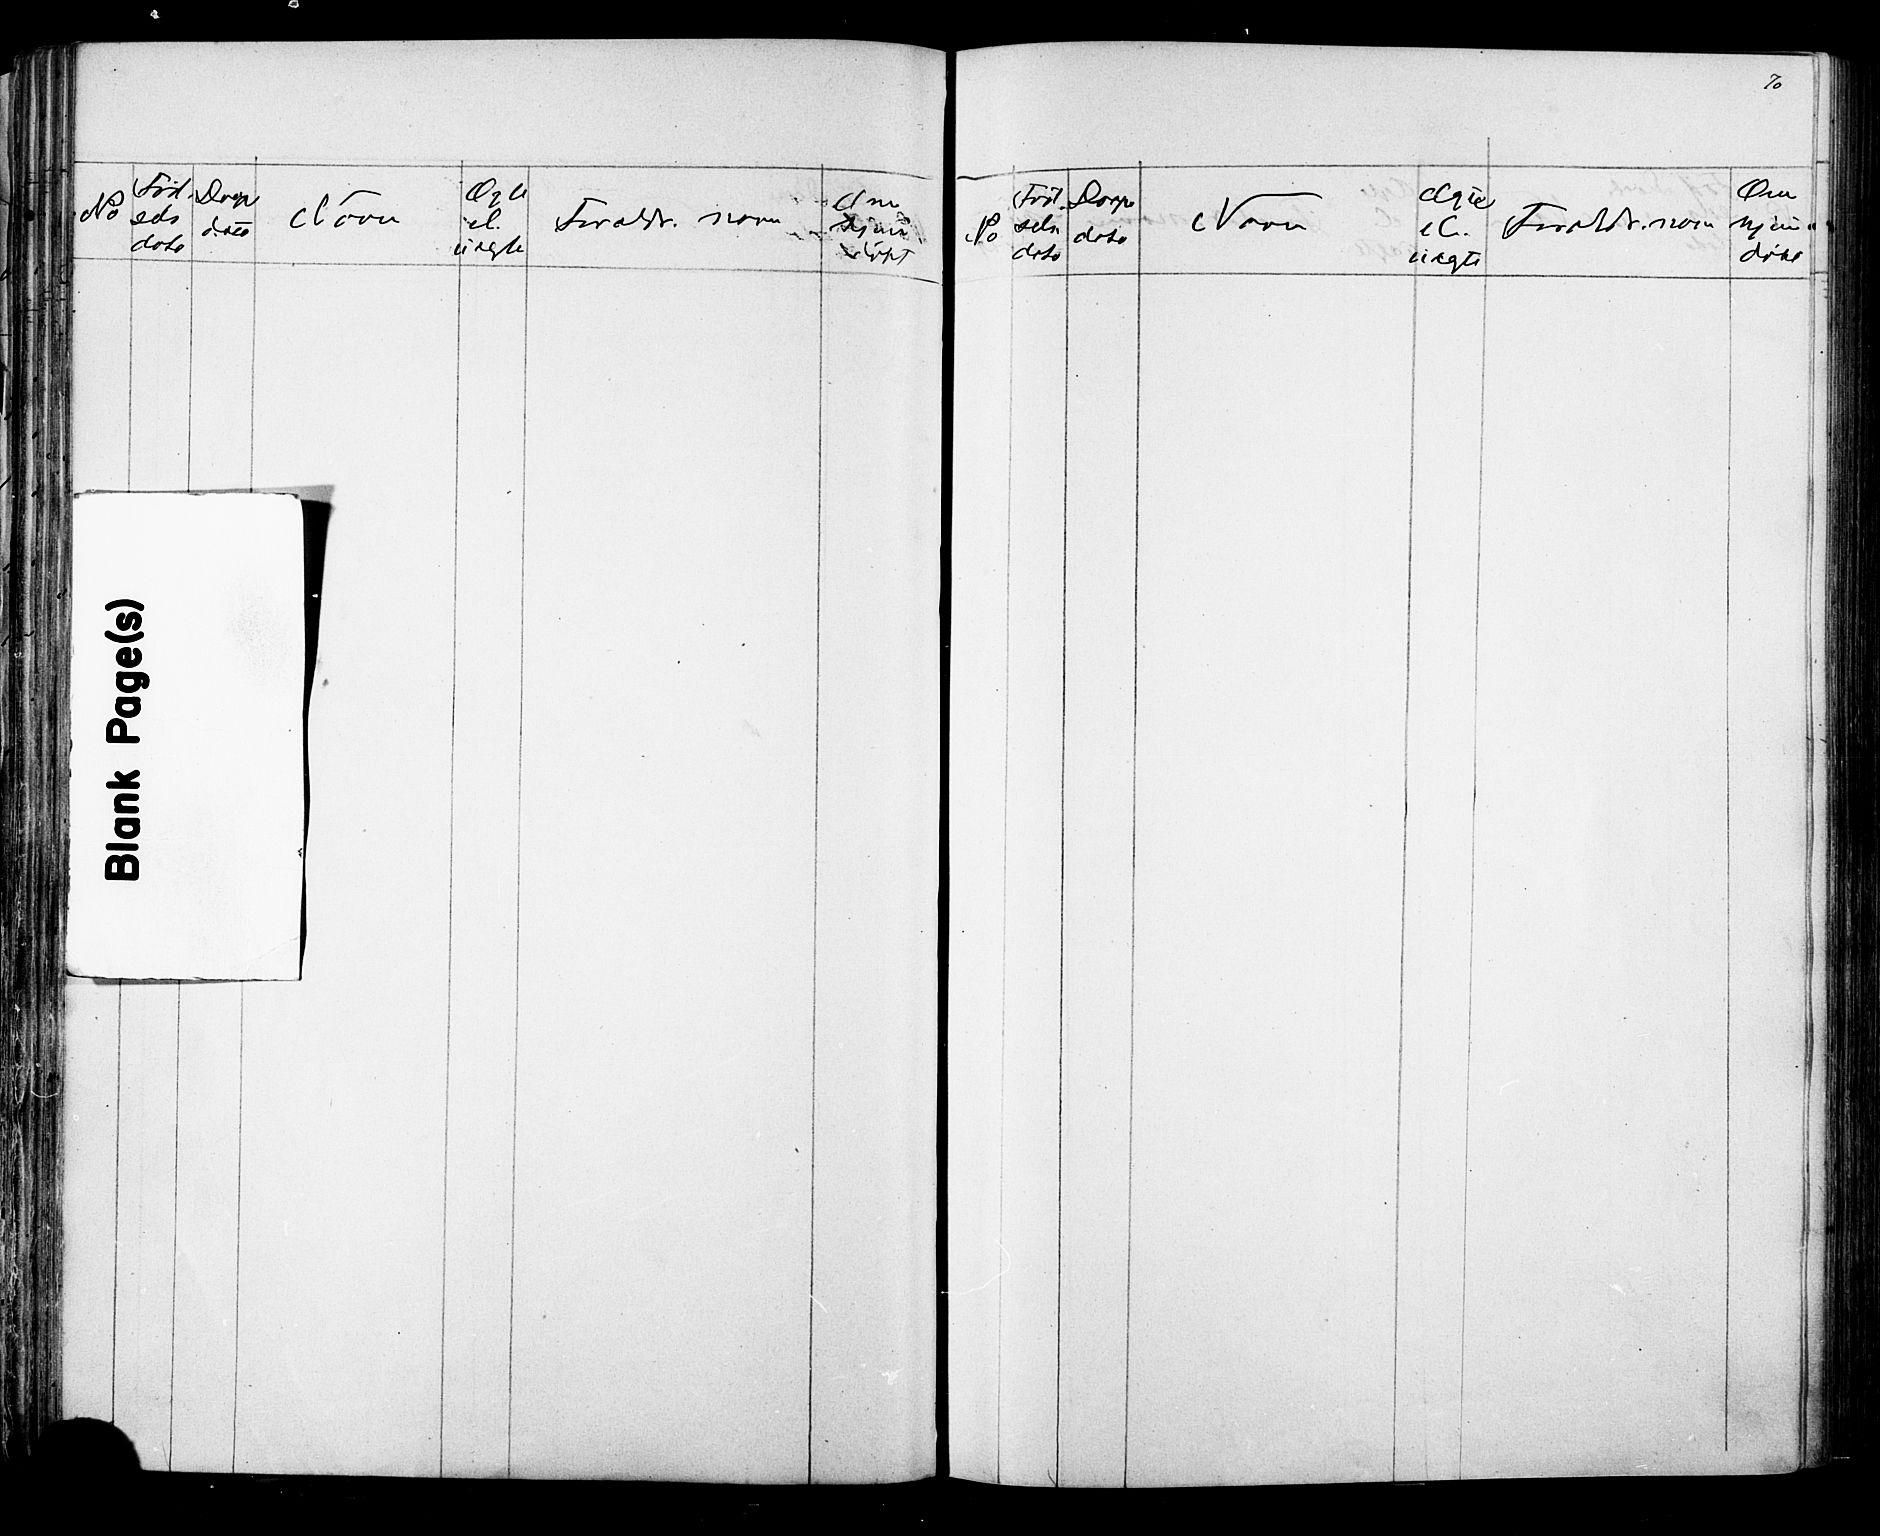 SAT, Ministerialprotokoller, klokkerbøker og fødselsregistre - Sør-Trøndelag, 612/L0387: Klokkerbok nr. 612C03, 1874-1908, s. 70